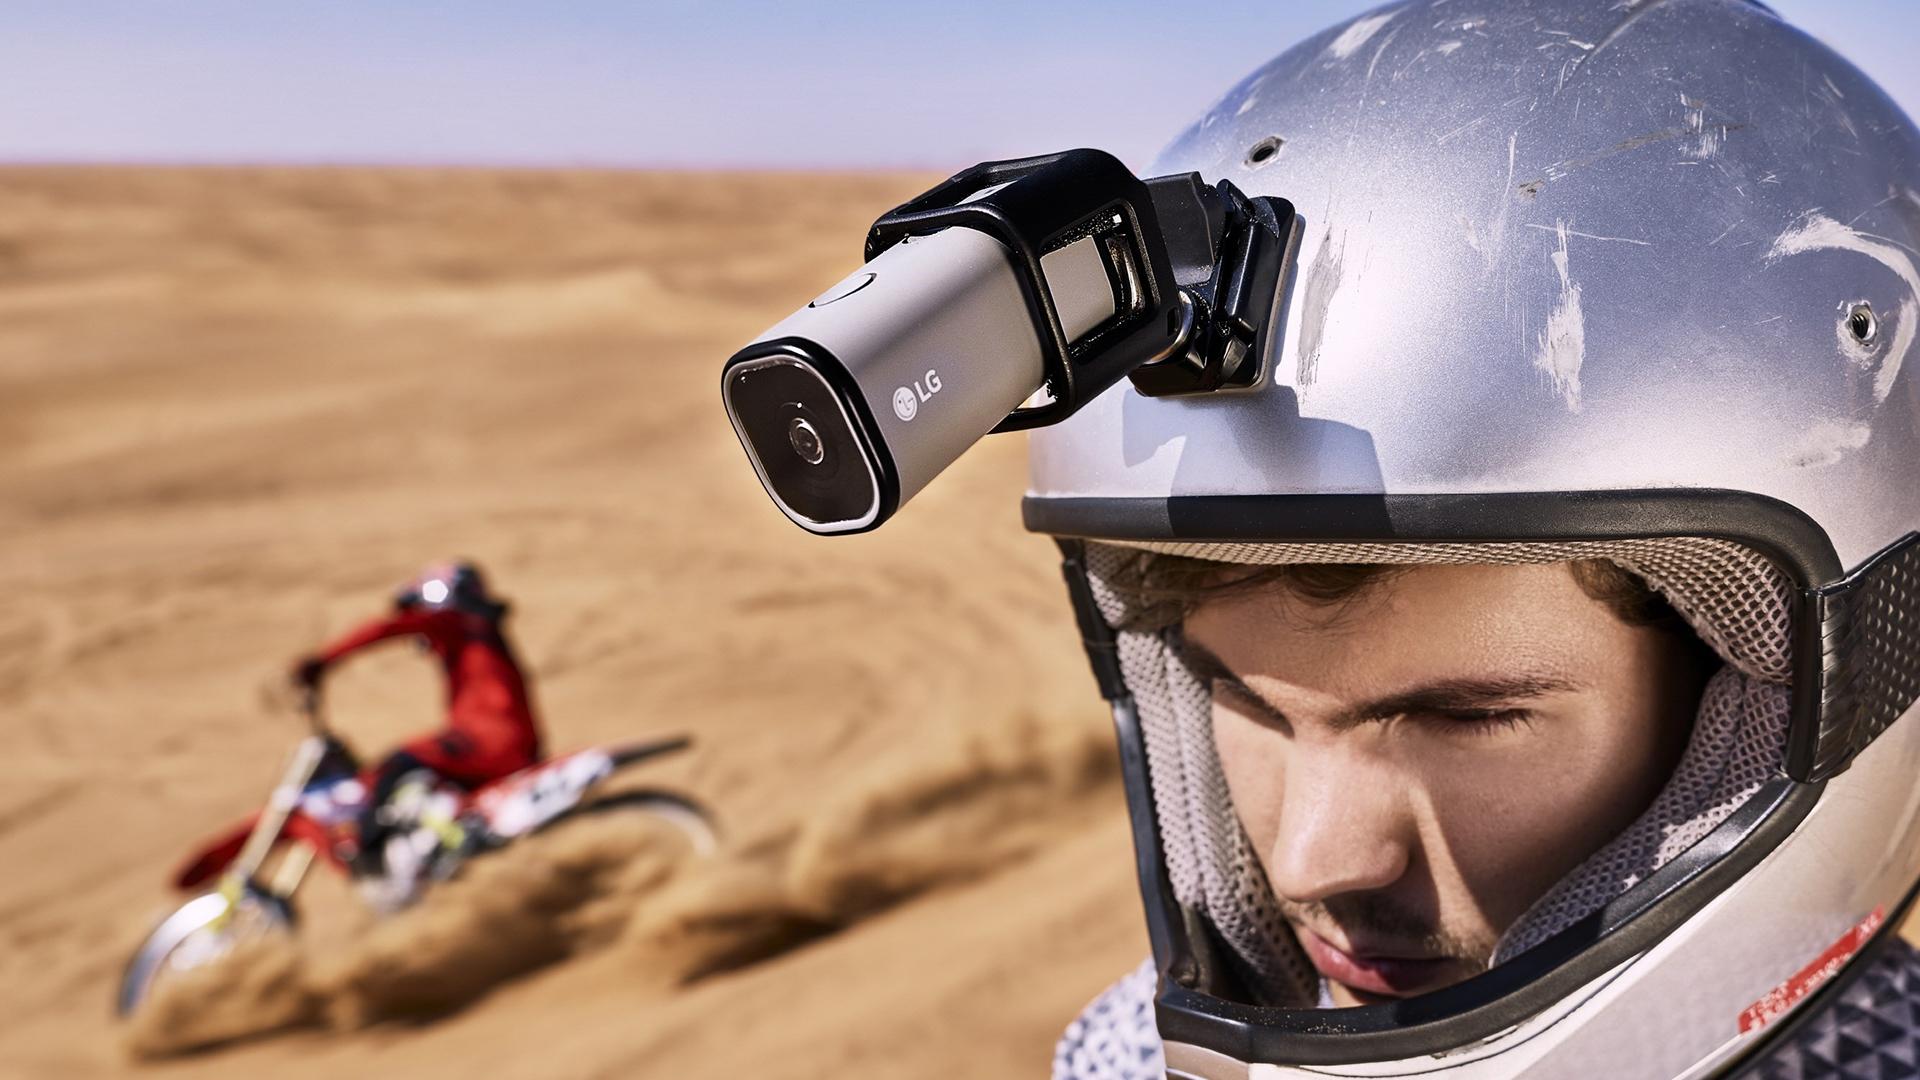 LG pokazało, że można zrobić kamerę sportową, która nie będzie kopią GoPro